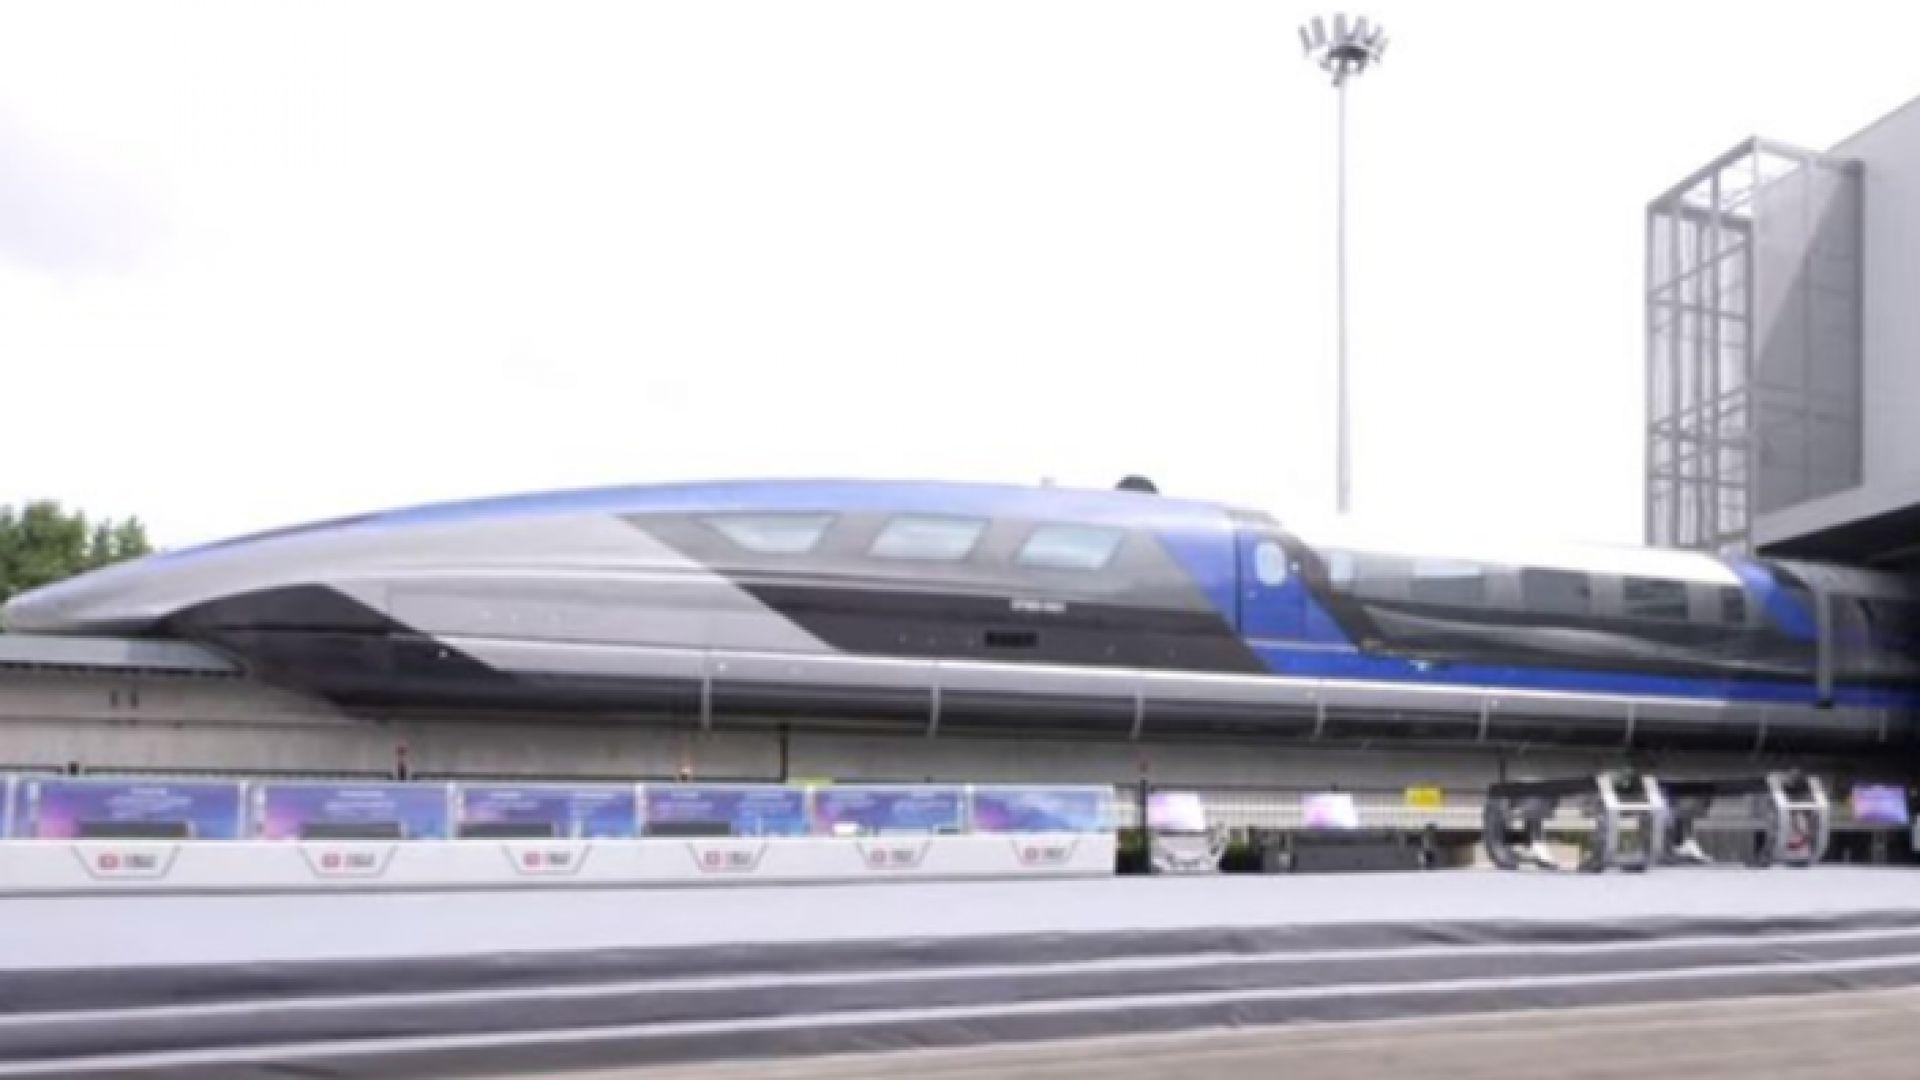 Най-бързият влак в света: китайски, който развива скорост от 600 км в час (видео)